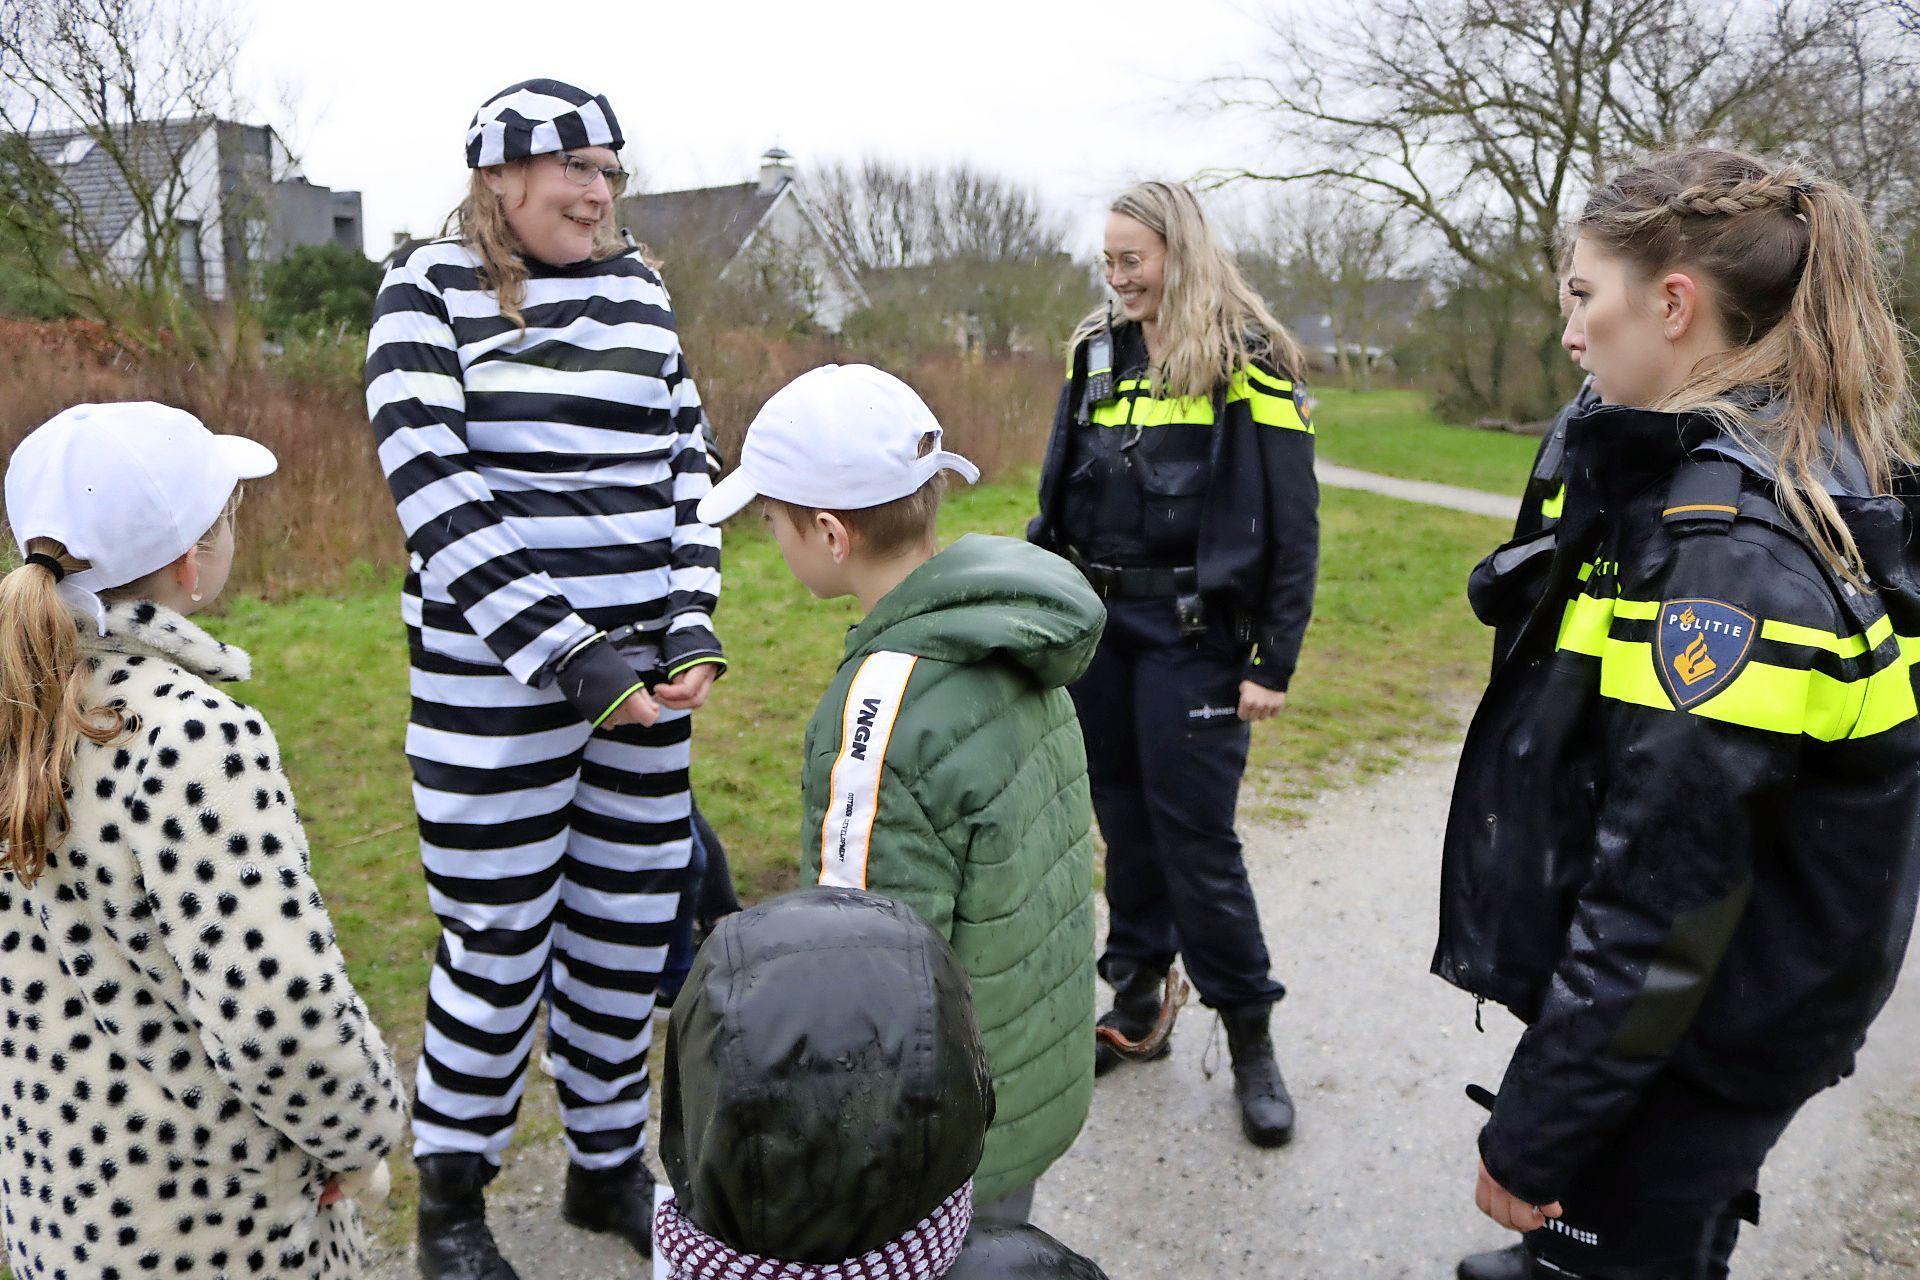 Jeugdige hulpagenten moeten fietsendiefstal te lijf gaan in Katwijk